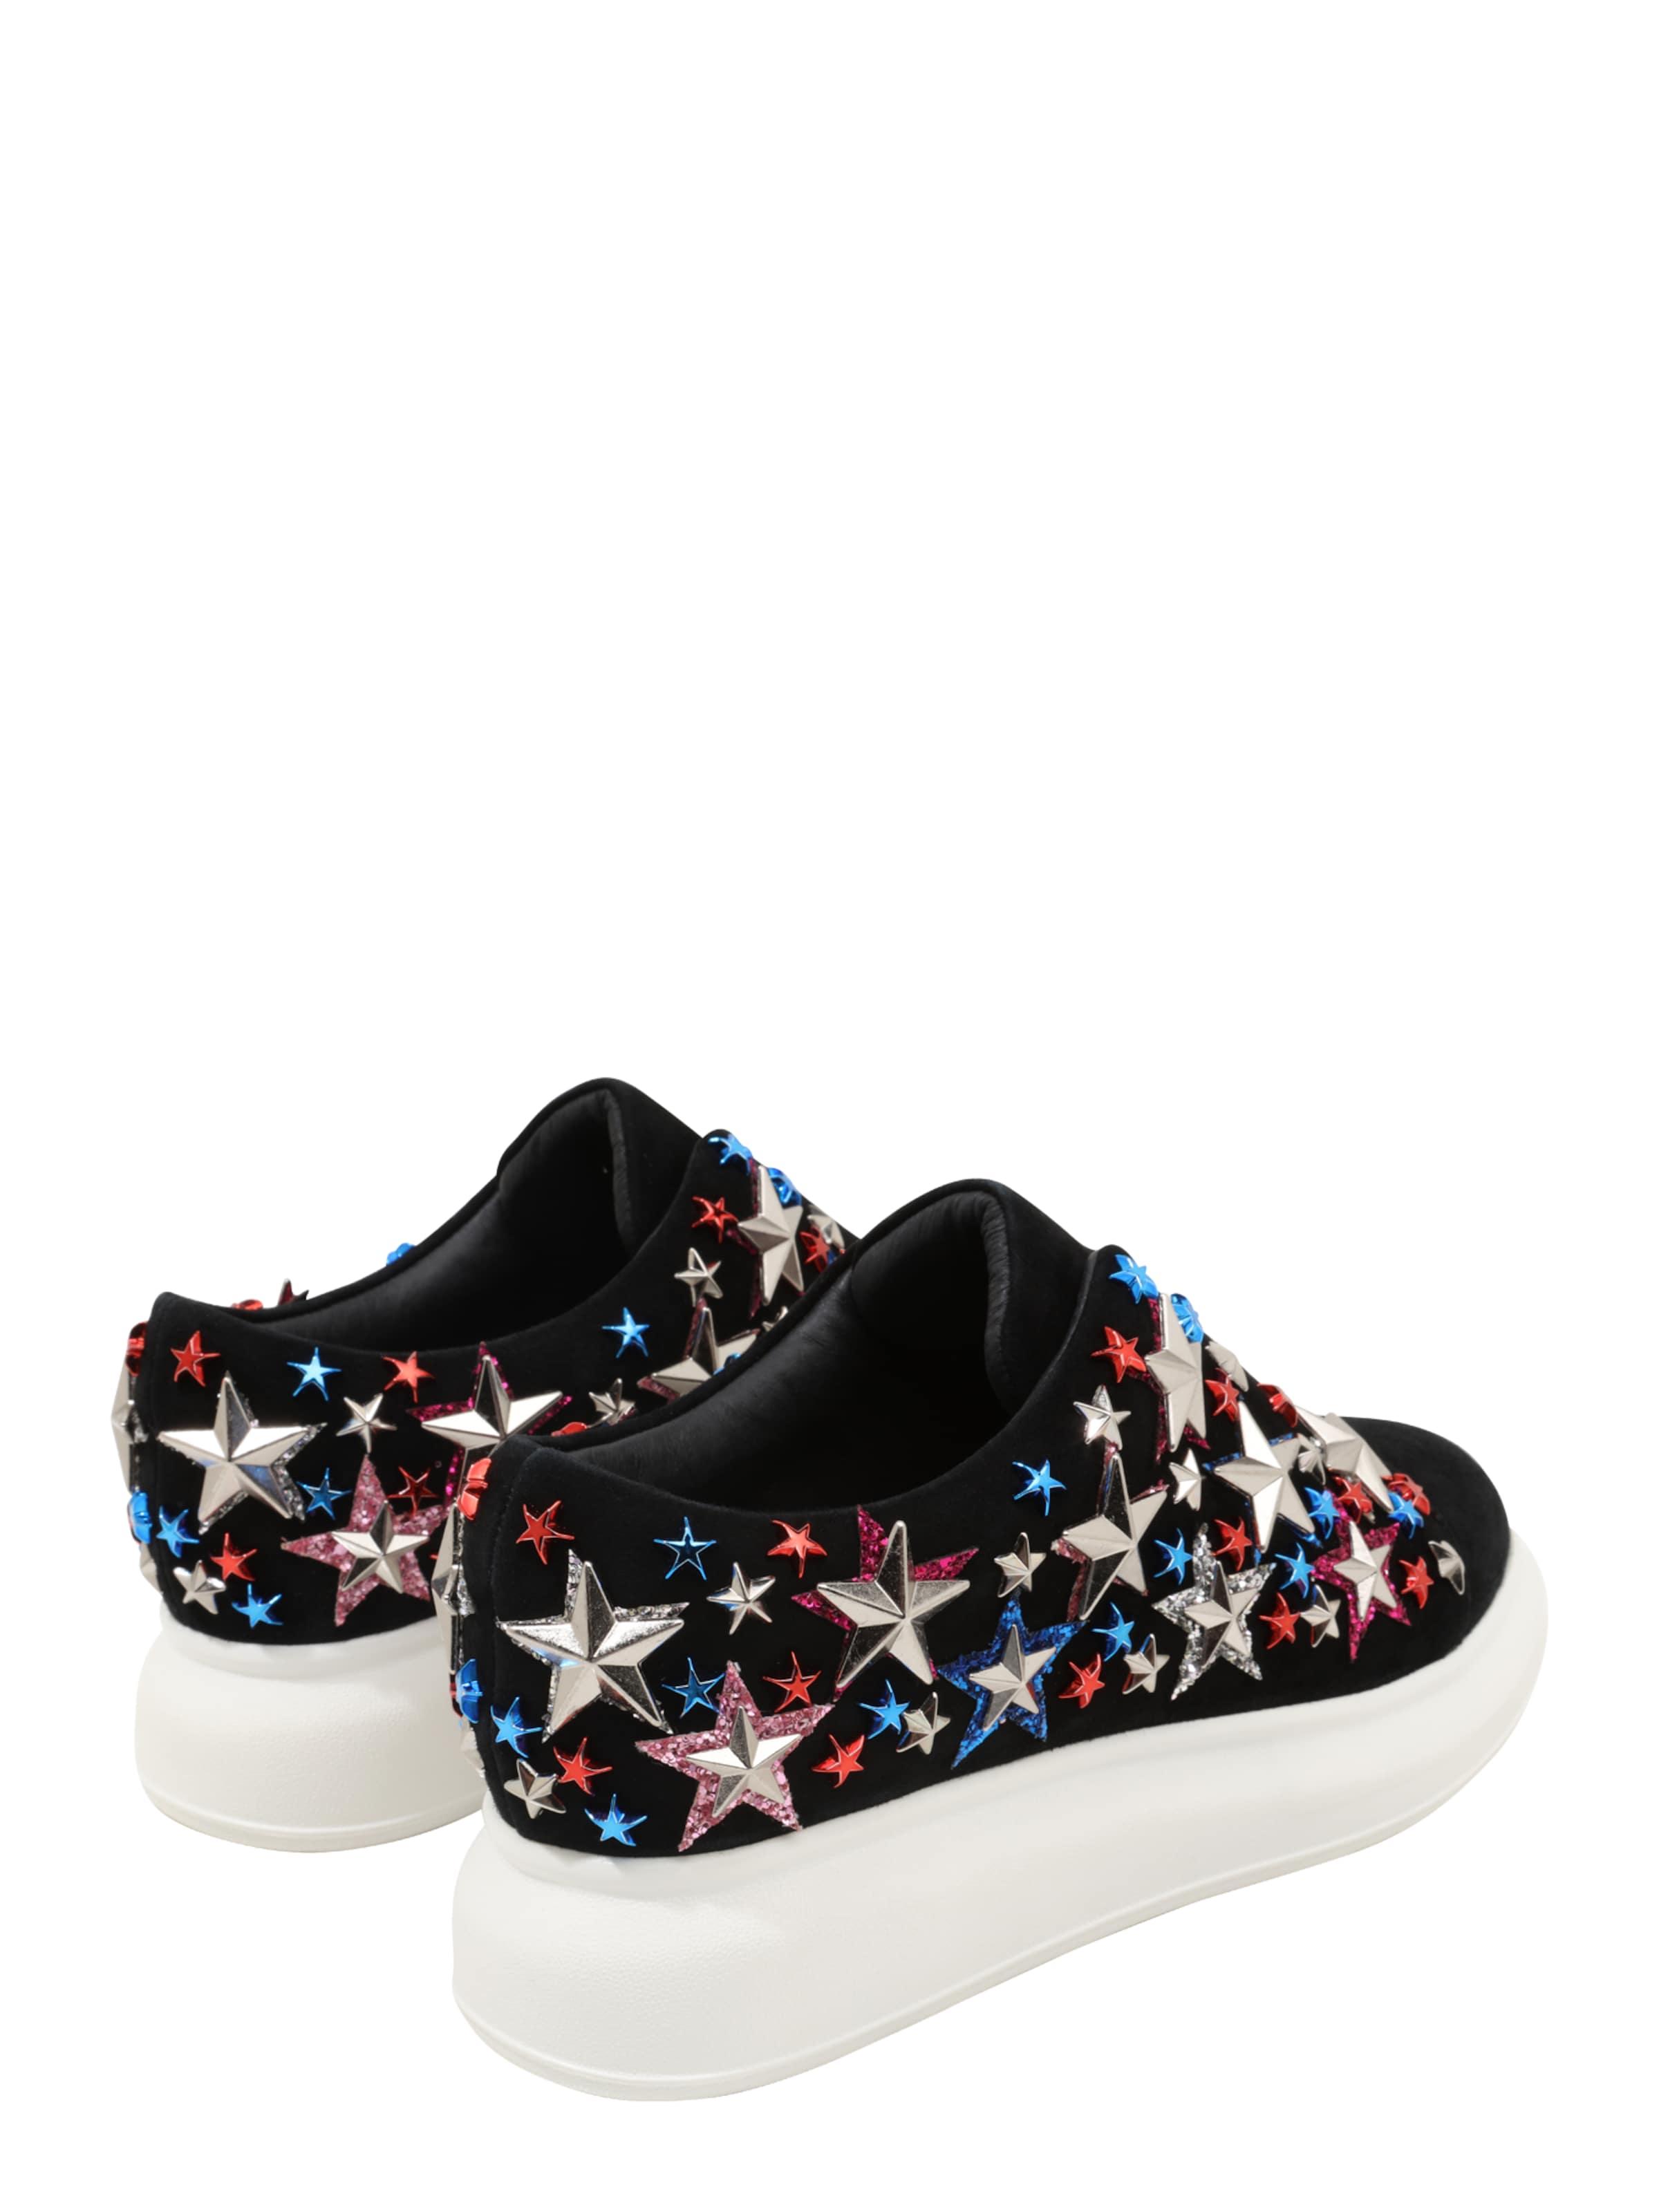 Jeffrey Campbell Sneaker 'GALLEXY' Super Niedriger Preis Günstig Online Günstig Kaufen Shop Sehr Günstiger Preis Rabatt Neueste 7y5pbOP